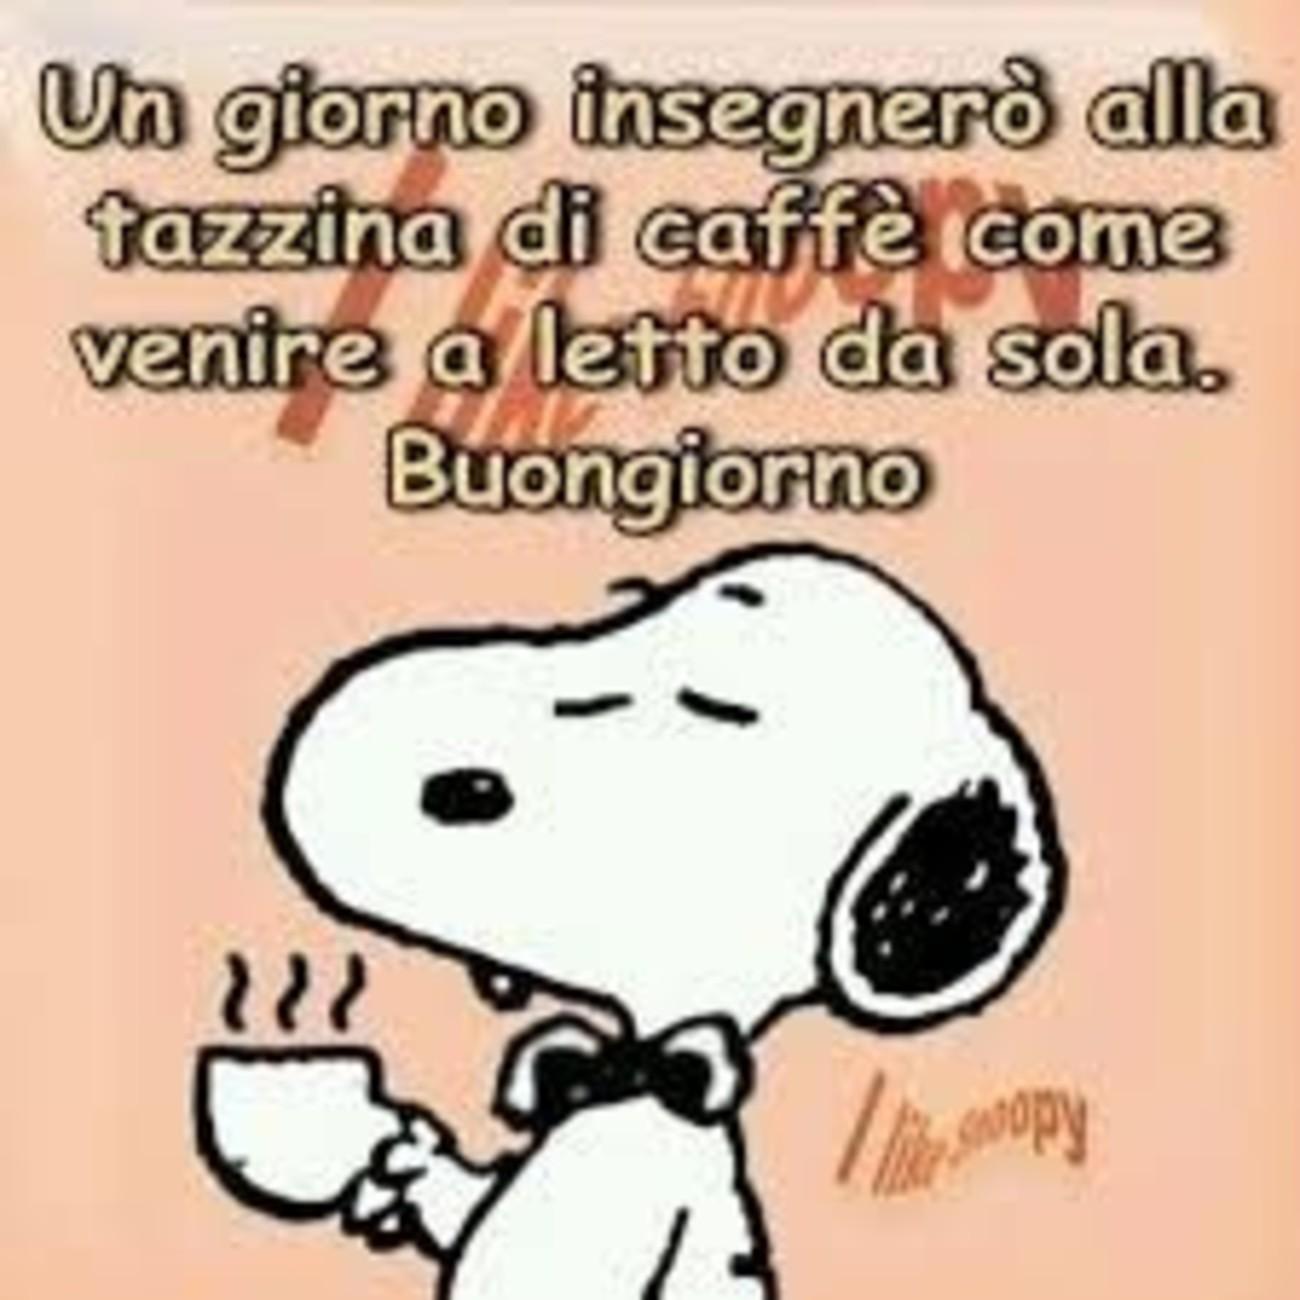 Buongiorno snoopy facebook for Vignette buongiorno divertenti